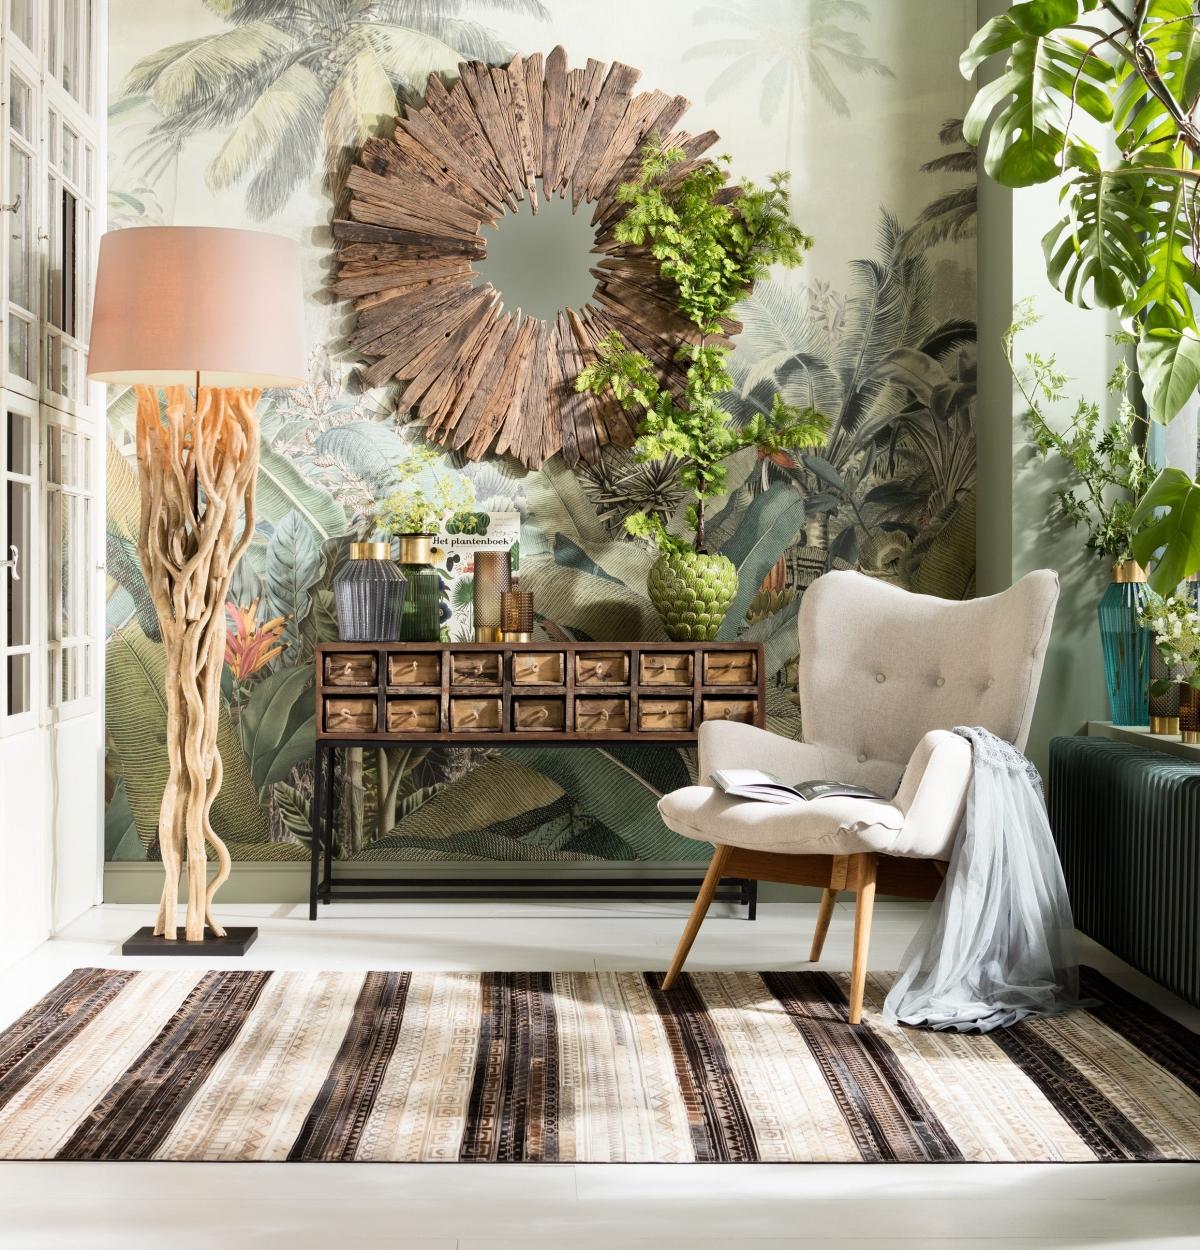 Отдых в комнате с современным декором наполненным эстетикой ЭКО дизайна